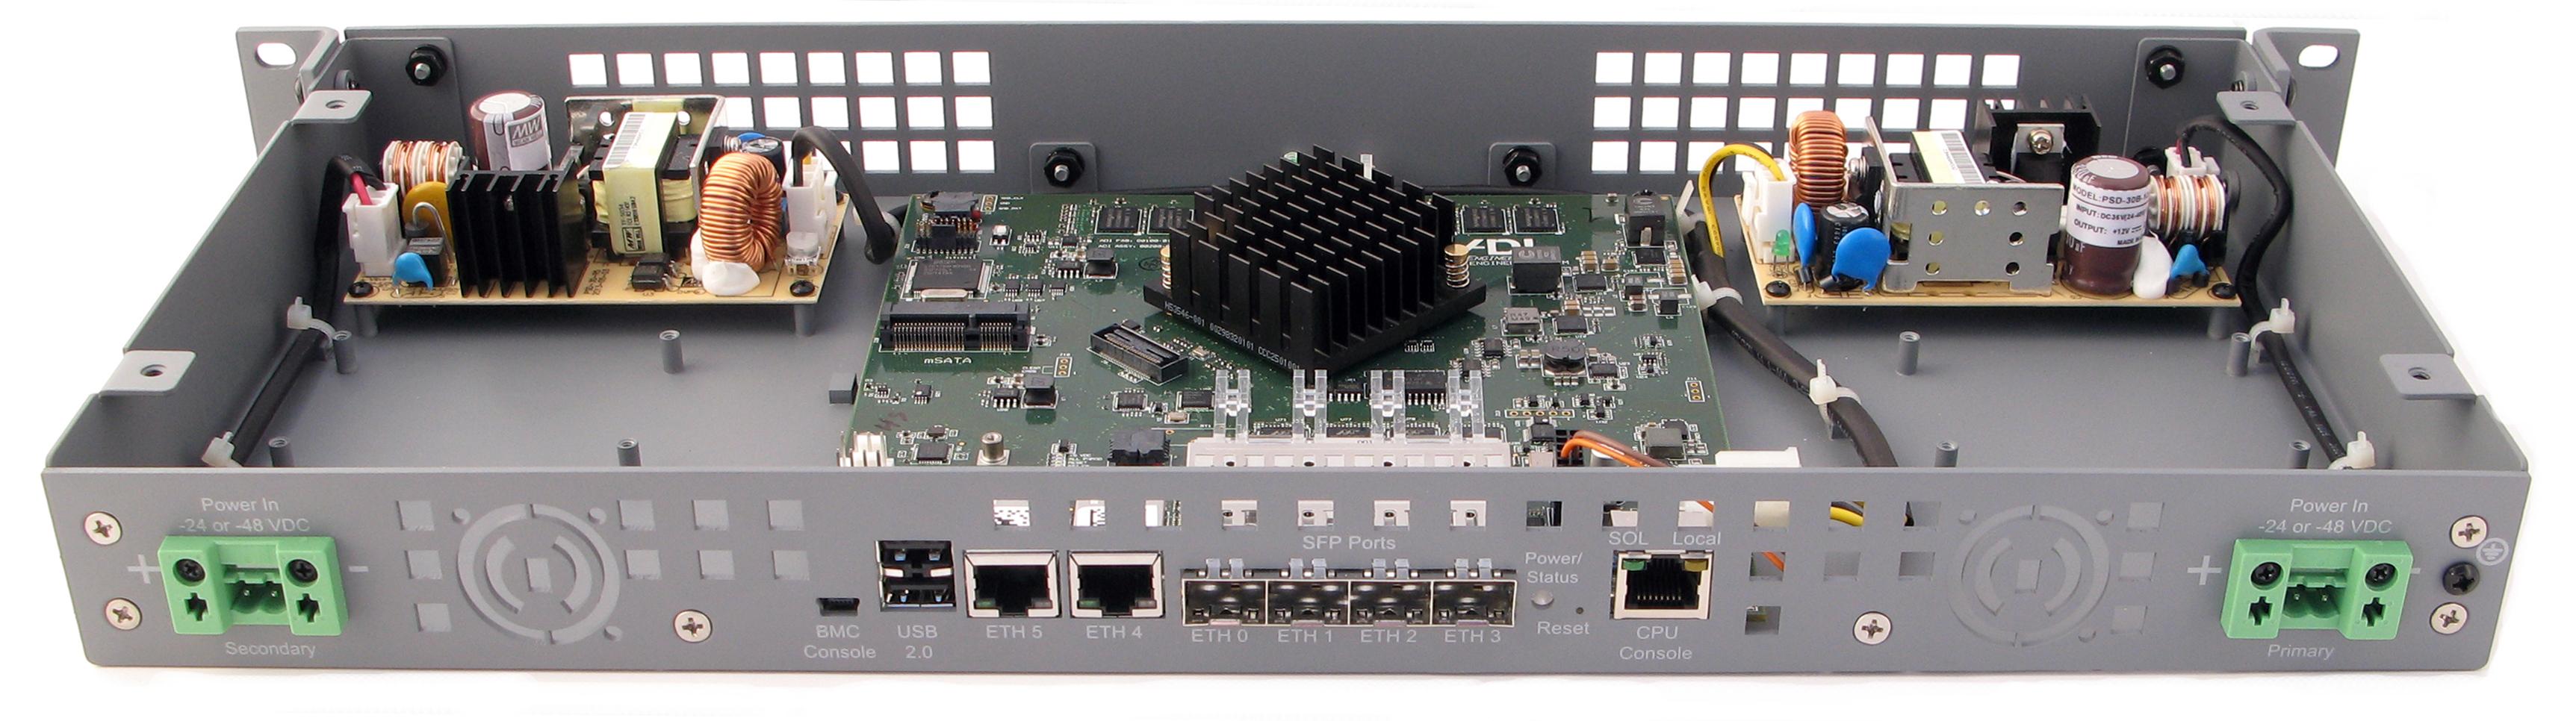 silicom adi rcc ve rackmount appliance